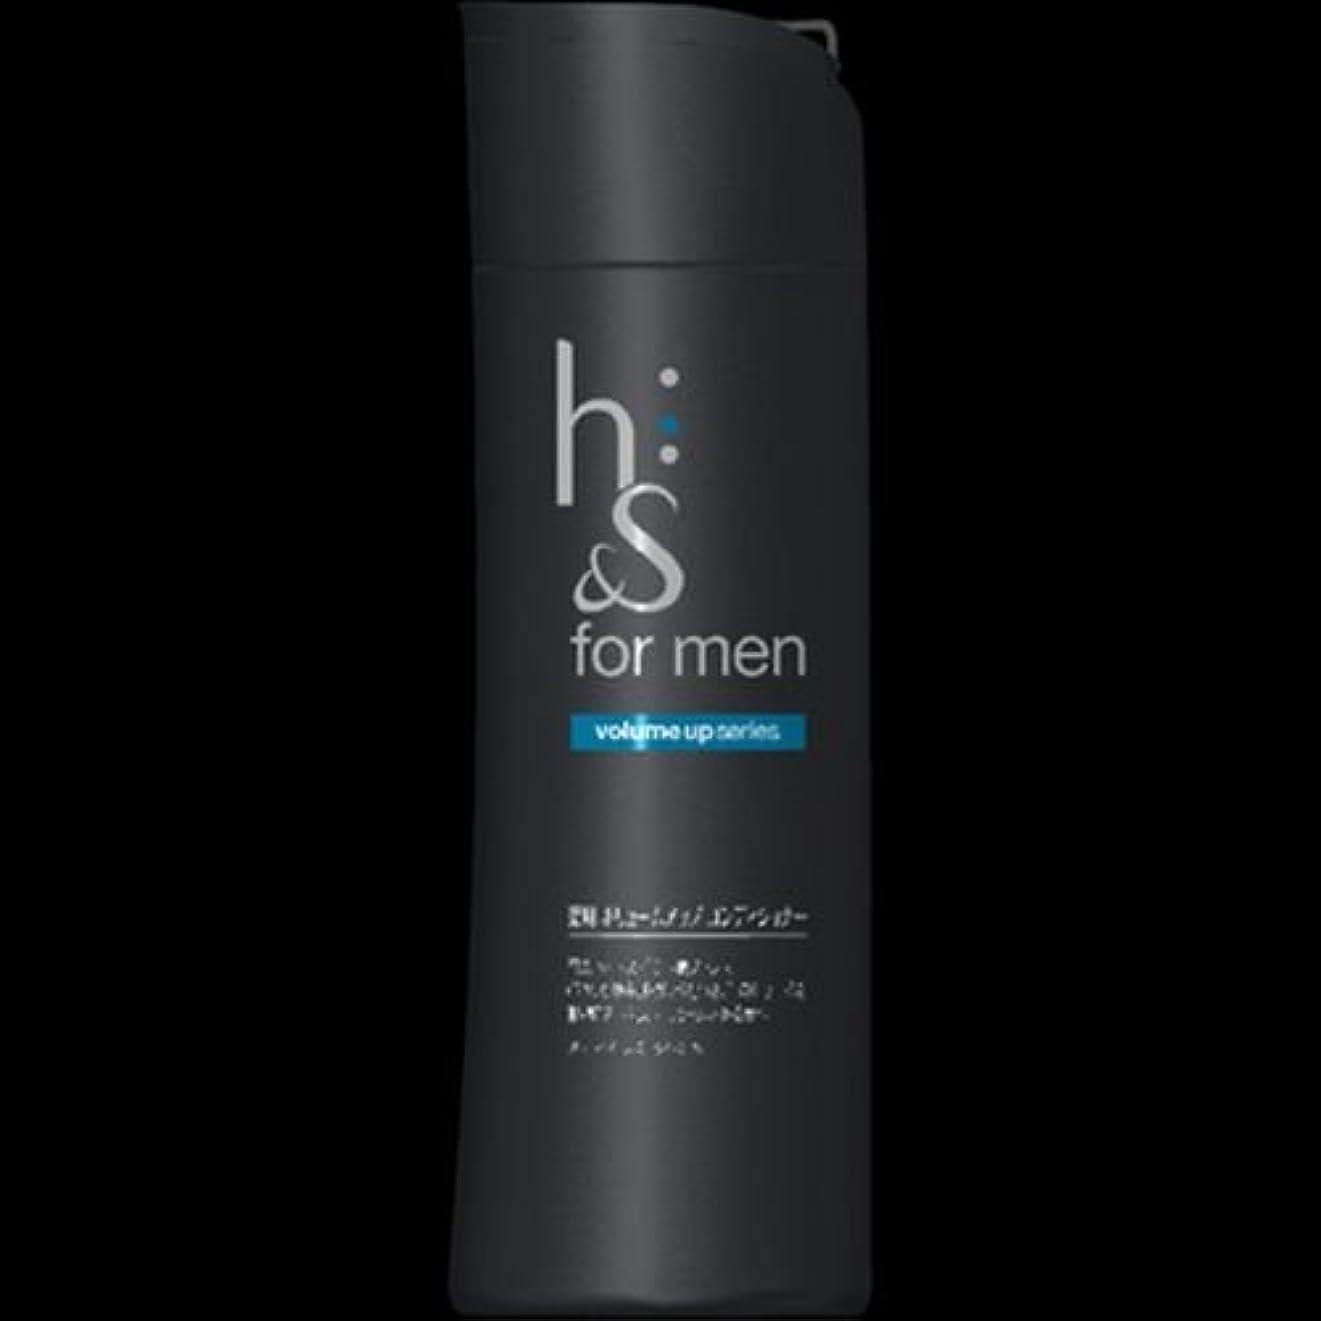 ベンチャーによるとチューブ【まとめ買い】h&s for men ボリュームアップコンディショナー 200g ×2セット